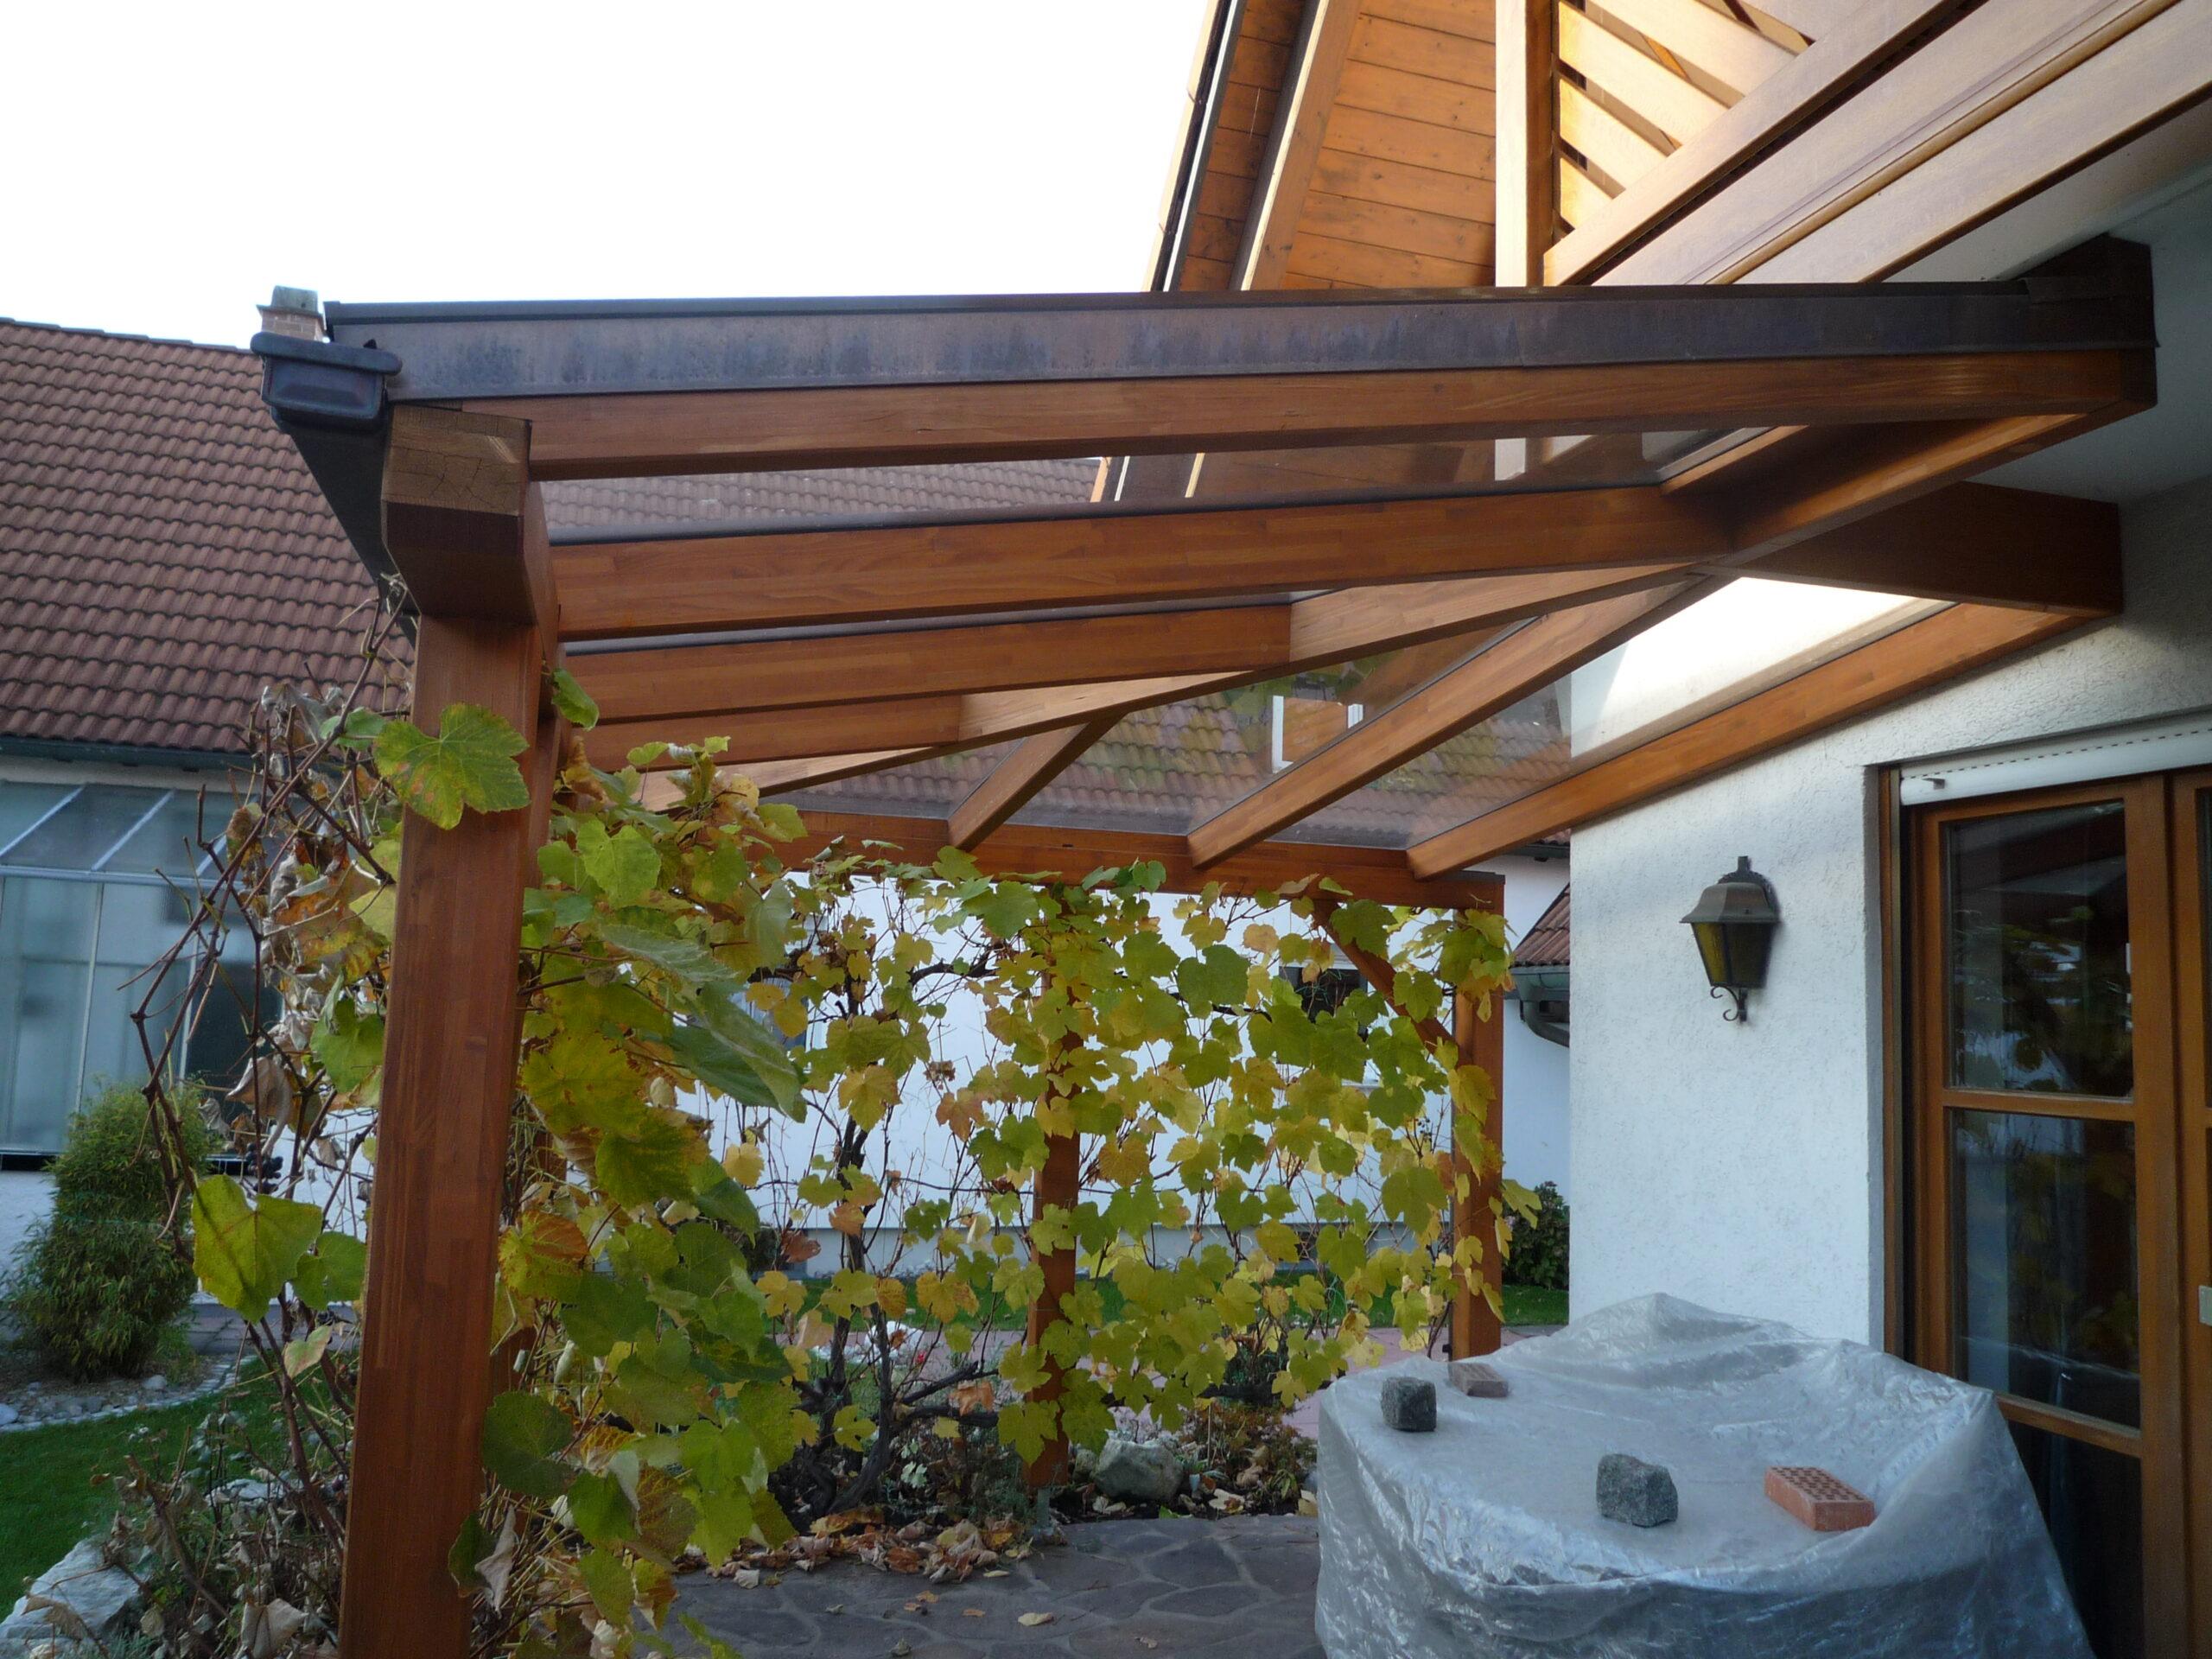 Full Size of Pergola Holz Ohne Dach Modern Kaufen Obi Hornbach Sichtschutz Selber Bauen Mit Massivholz Bett Unterschrank Bad Altholz Esstisch Regal Holzhaus Kind Garten Wohnzimmer Pergola Holz